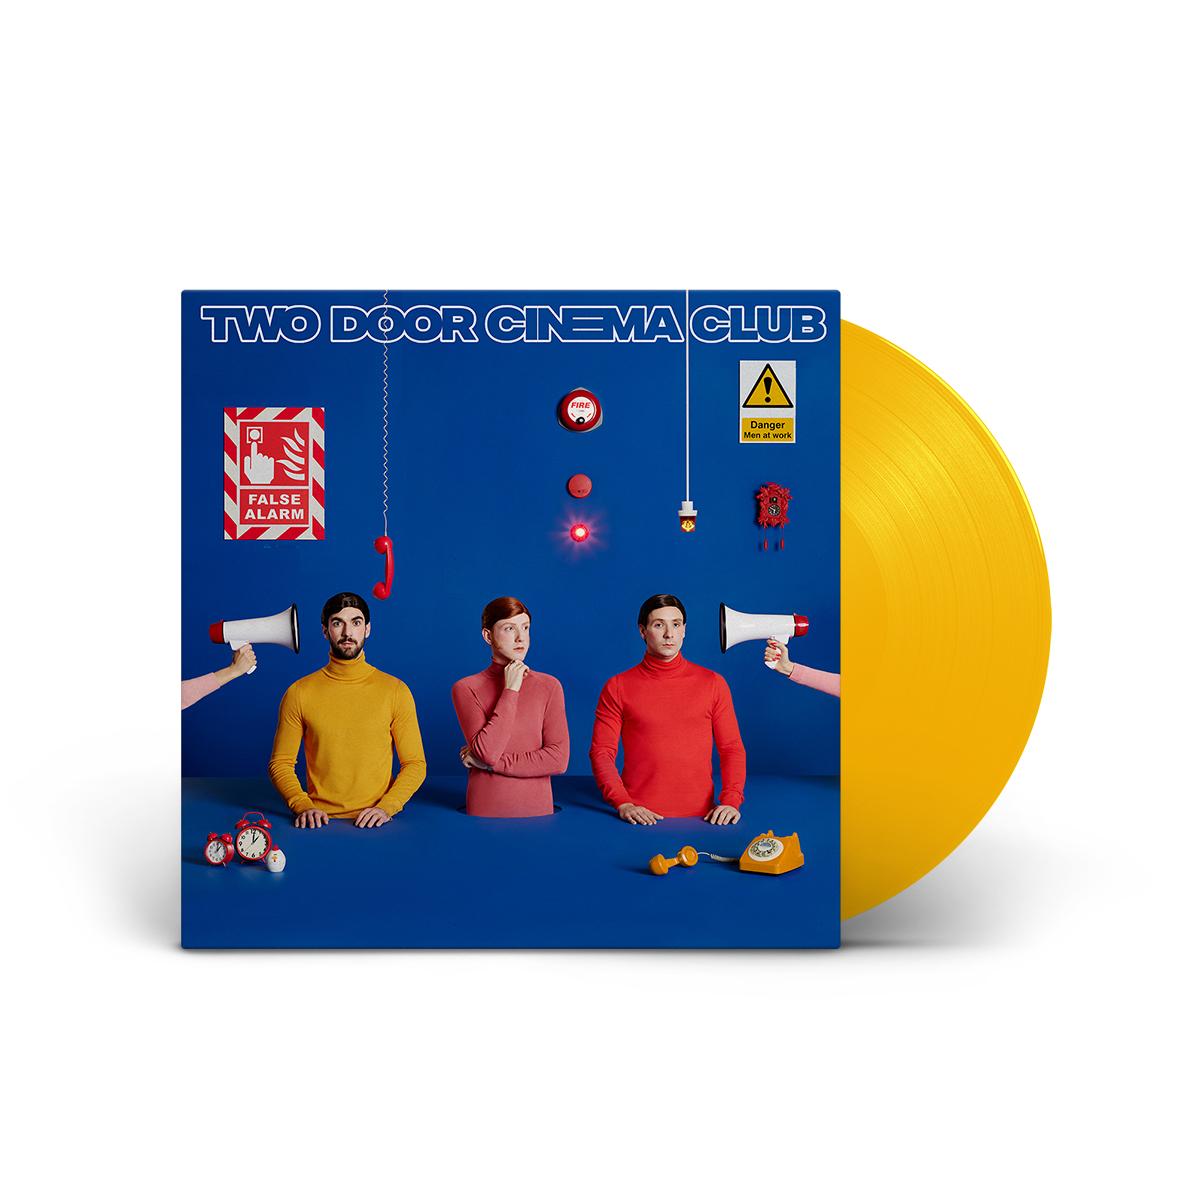 False Alarm Limited Edition Yellow D2C Exclusive 180 Gram LP